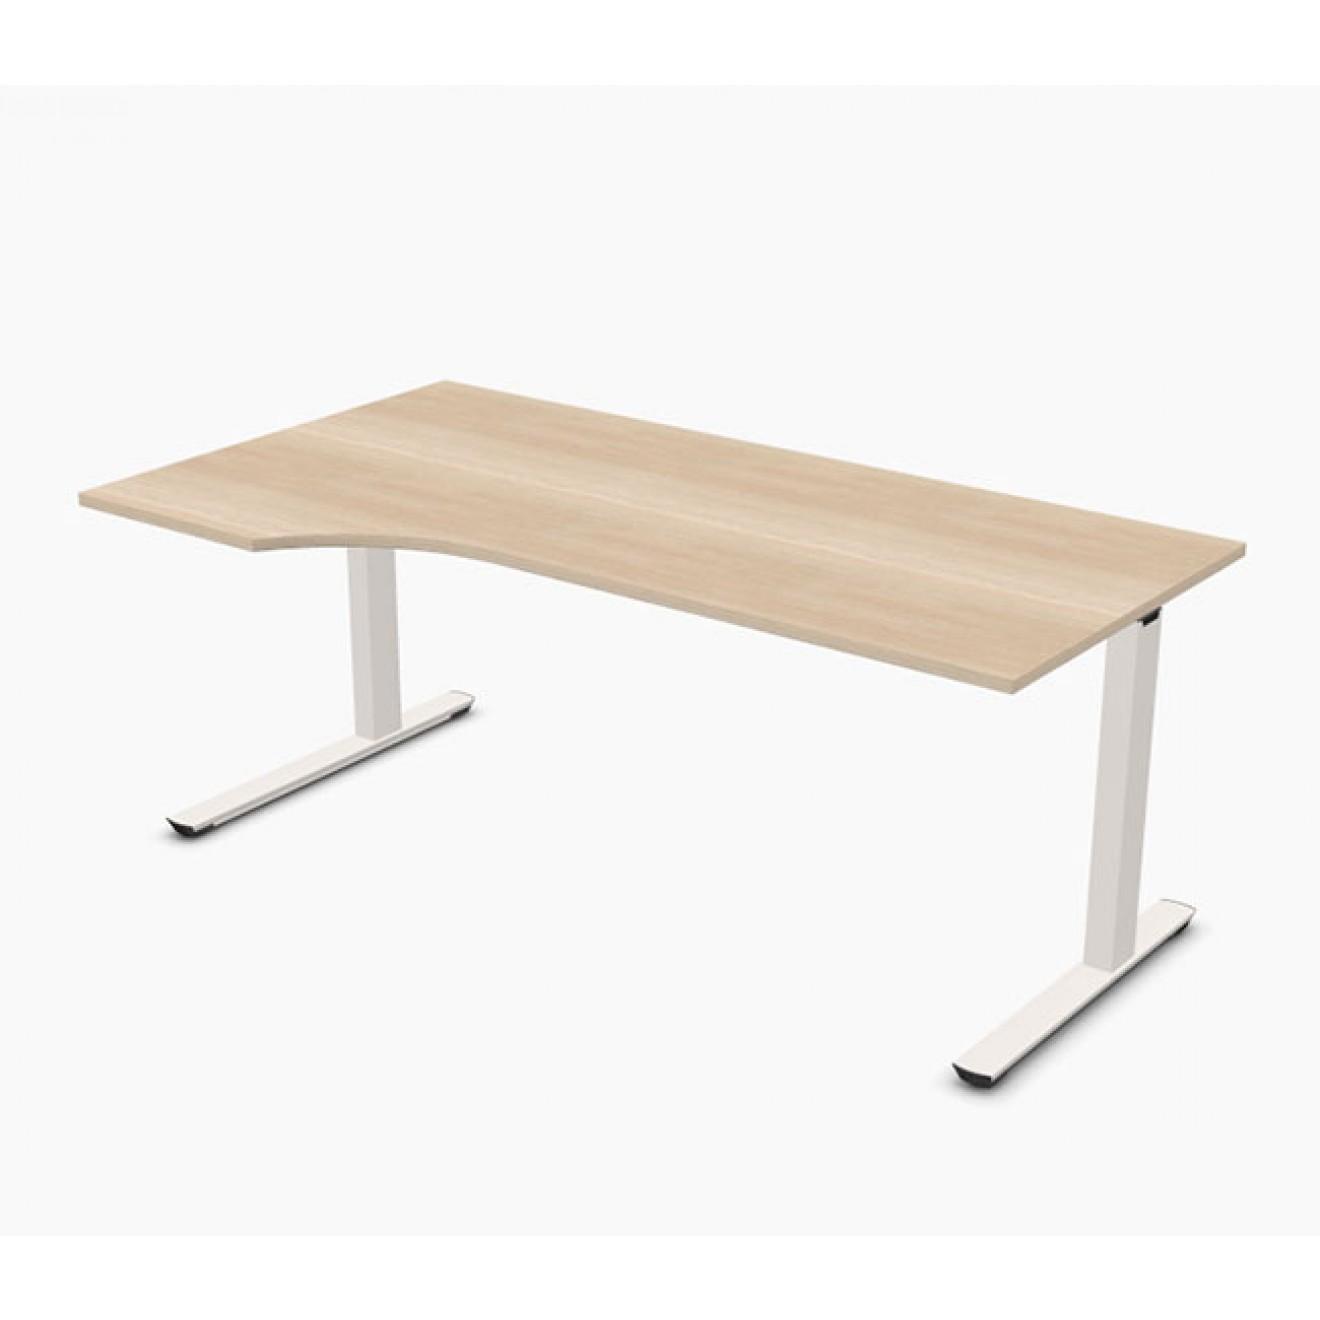 schreibtisch palmberg crew 180 x 80 100 x 72 cm. Black Bedroom Furniture Sets. Home Design Ideas